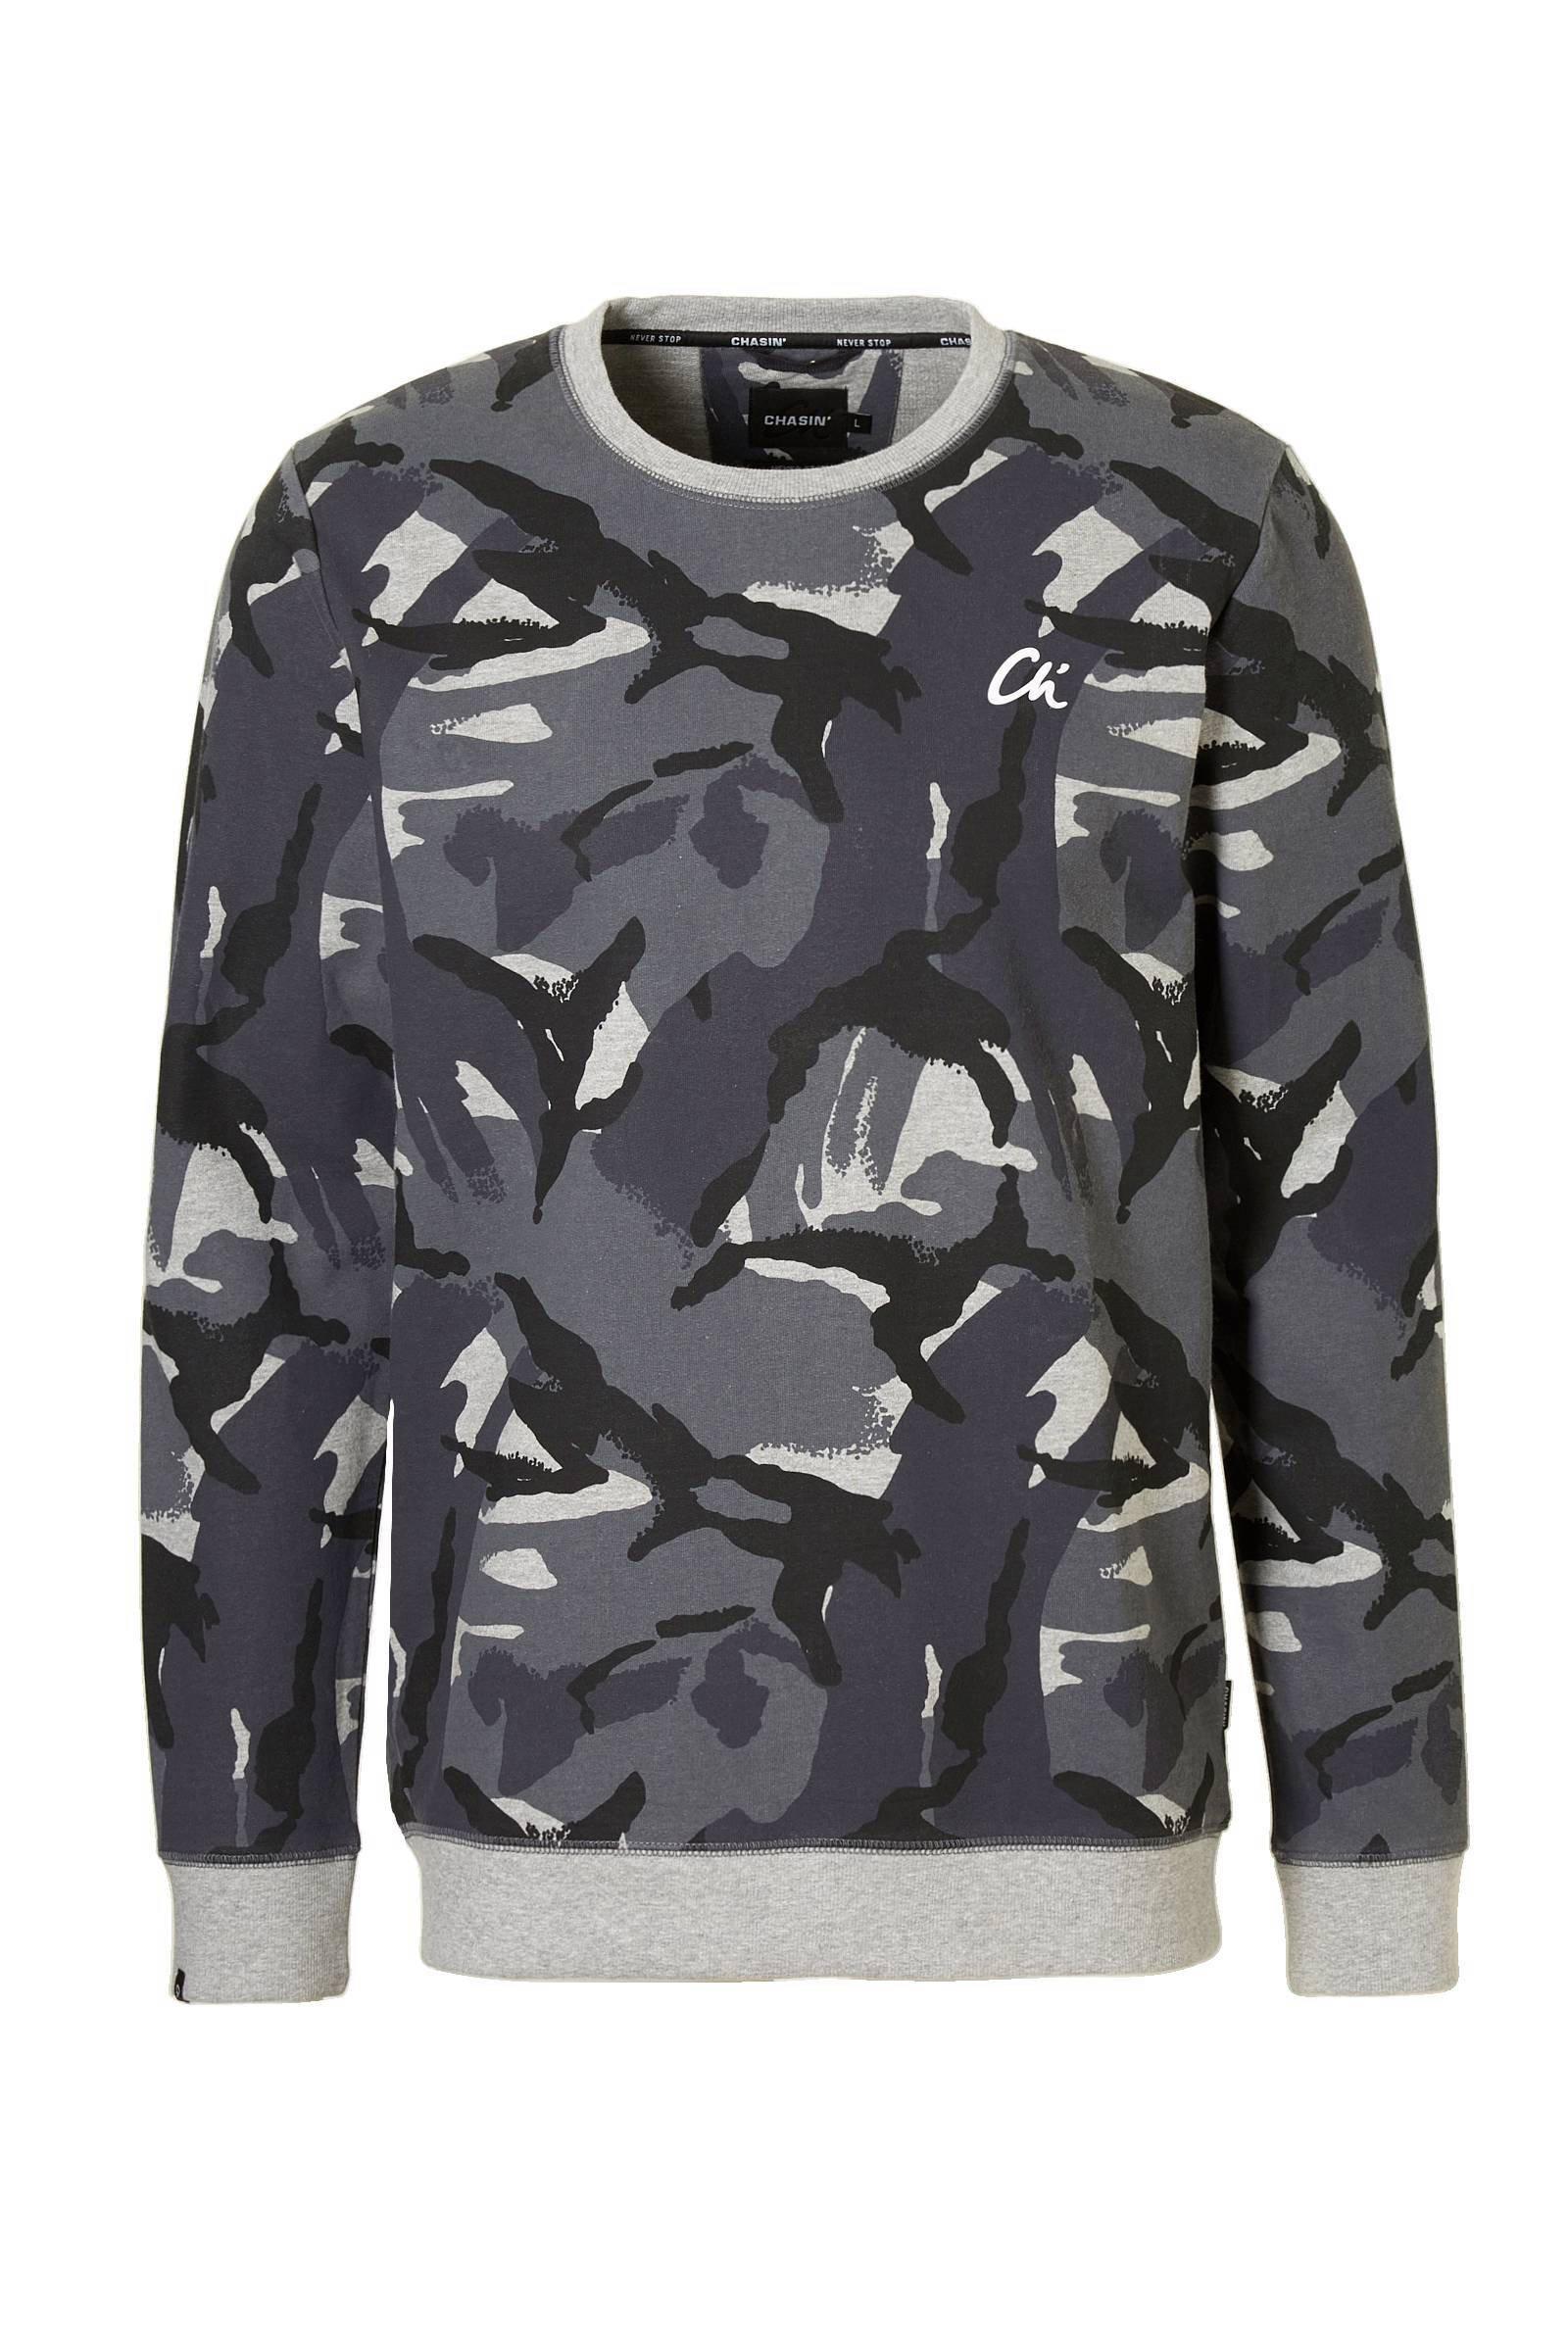 Chasin'  sweater (heren)